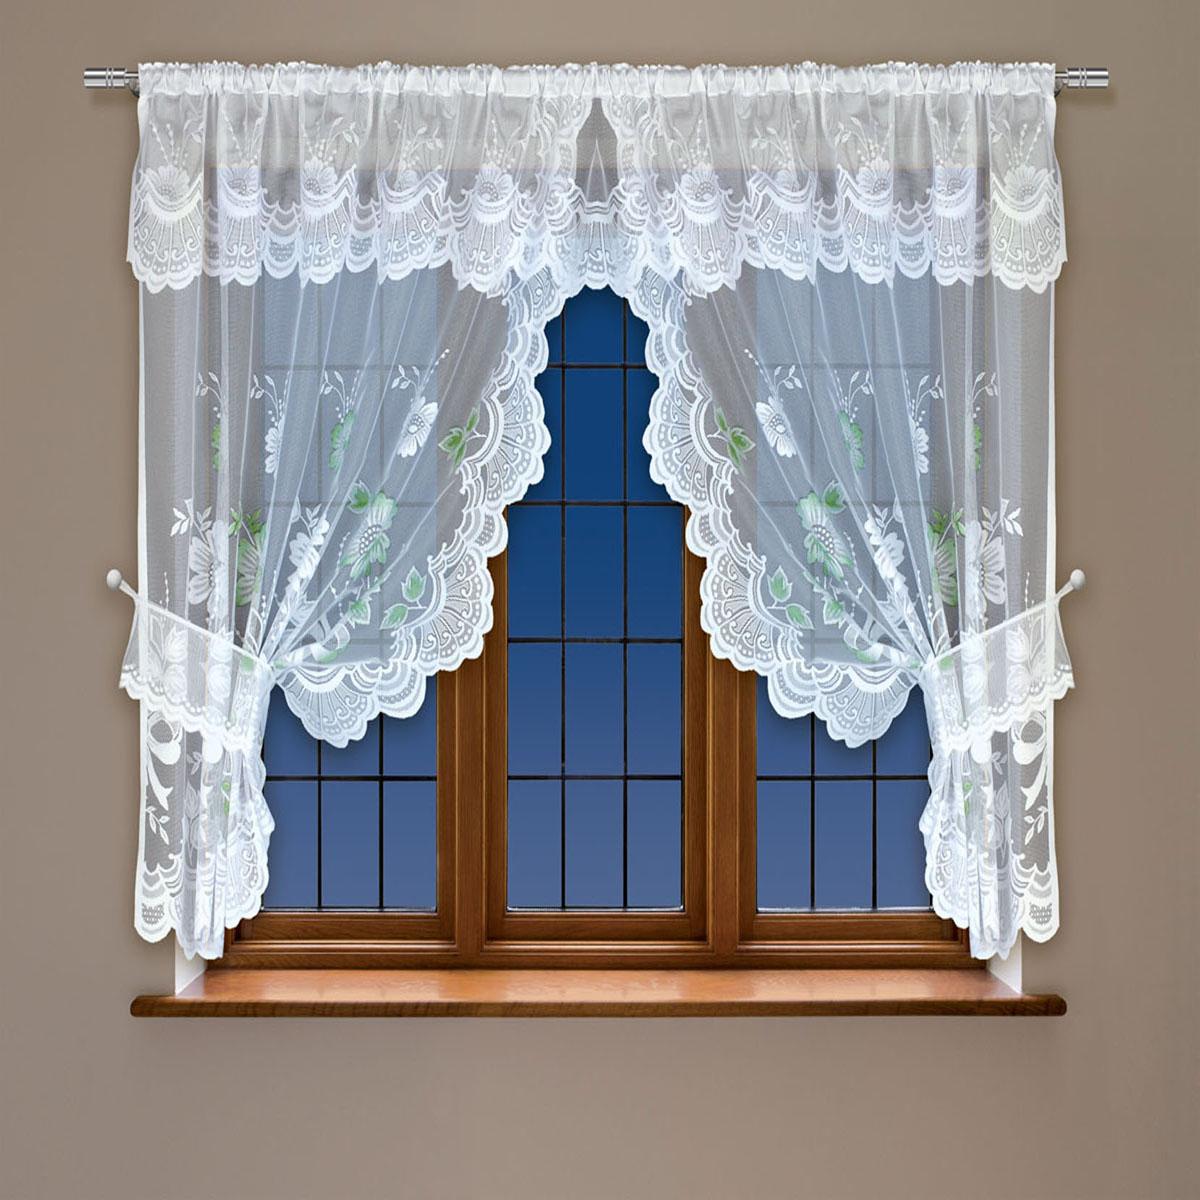 Гардина Haft, на кулиске, цвет: белый, высота 107 см. 202561202561/107 белыйВоздушная гардина Haft, выполненная из полиэстера, великолепно украсит любое окно.Изделие имеет оригинальный дизайн и органично впишется в интерьер помещения.Гардина крепится на карниз при помощи кулиски.